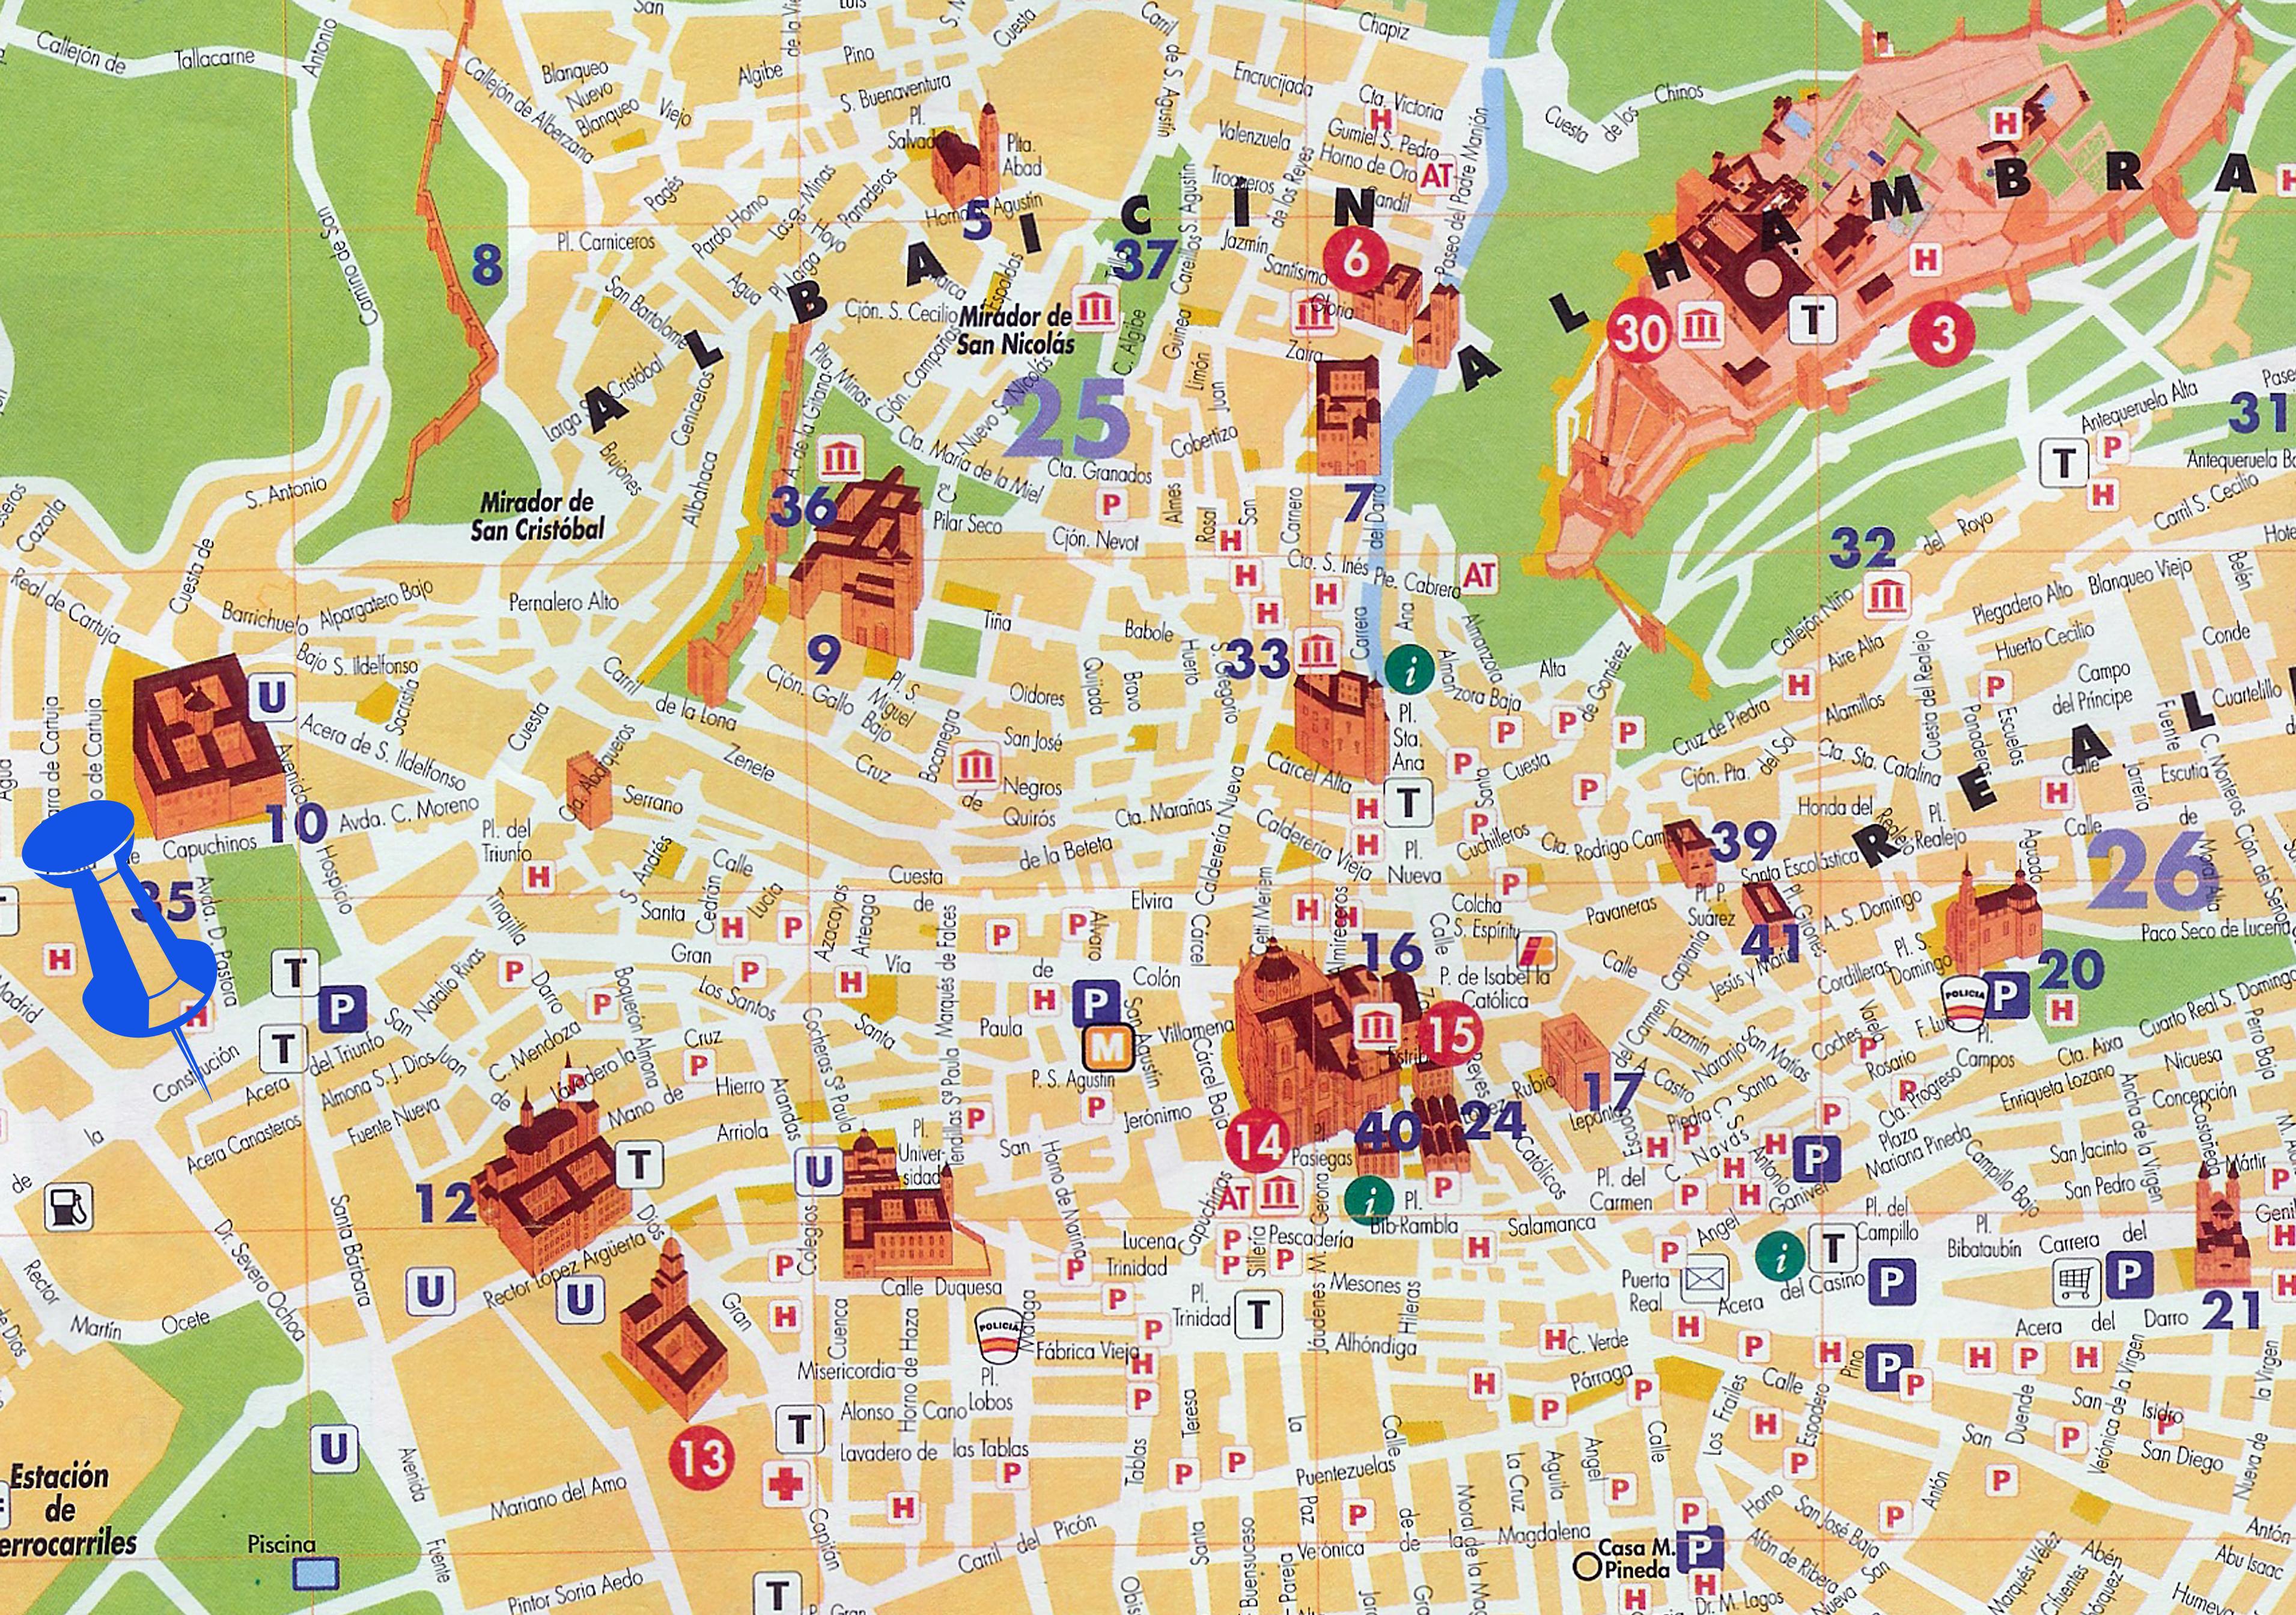 Mapa turístico de Granada